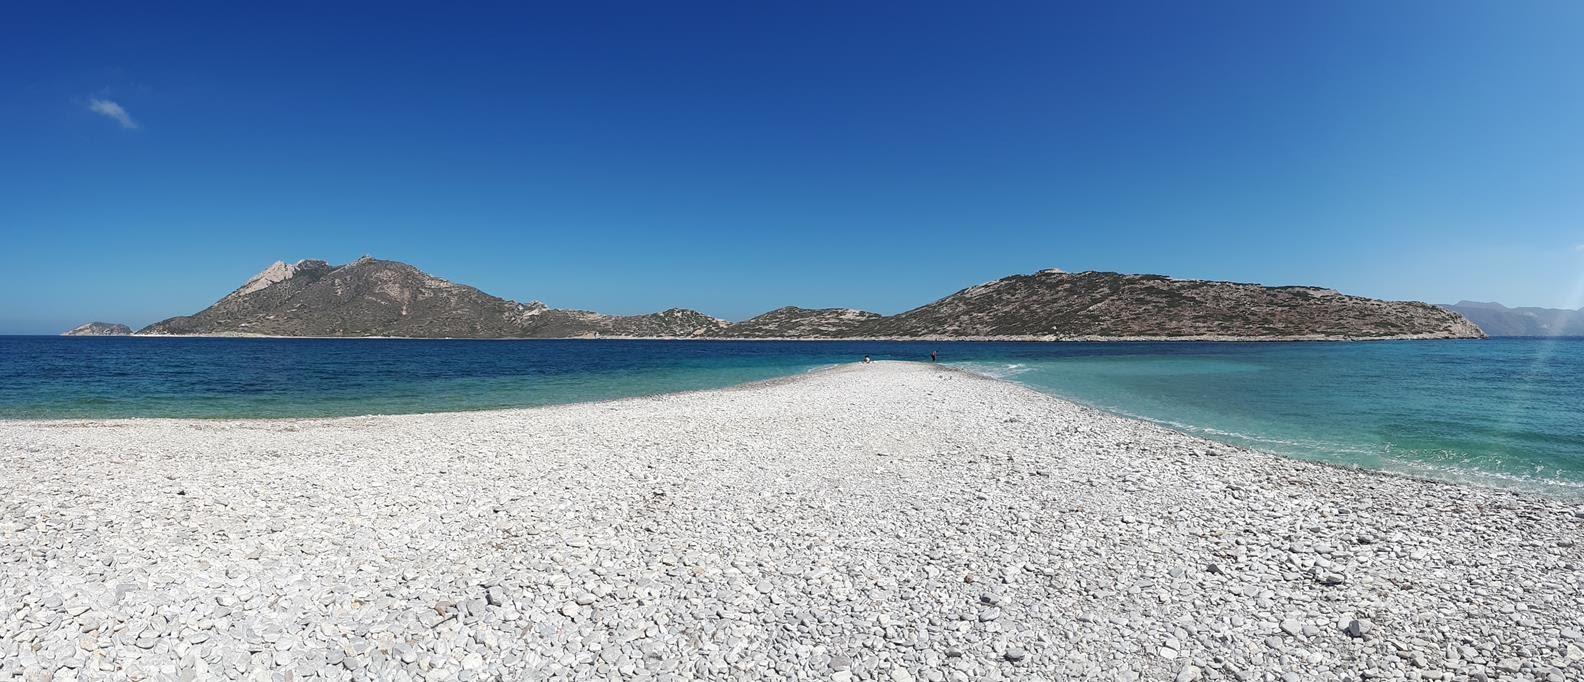 Amorgos migliori spiagge e cosa vedere